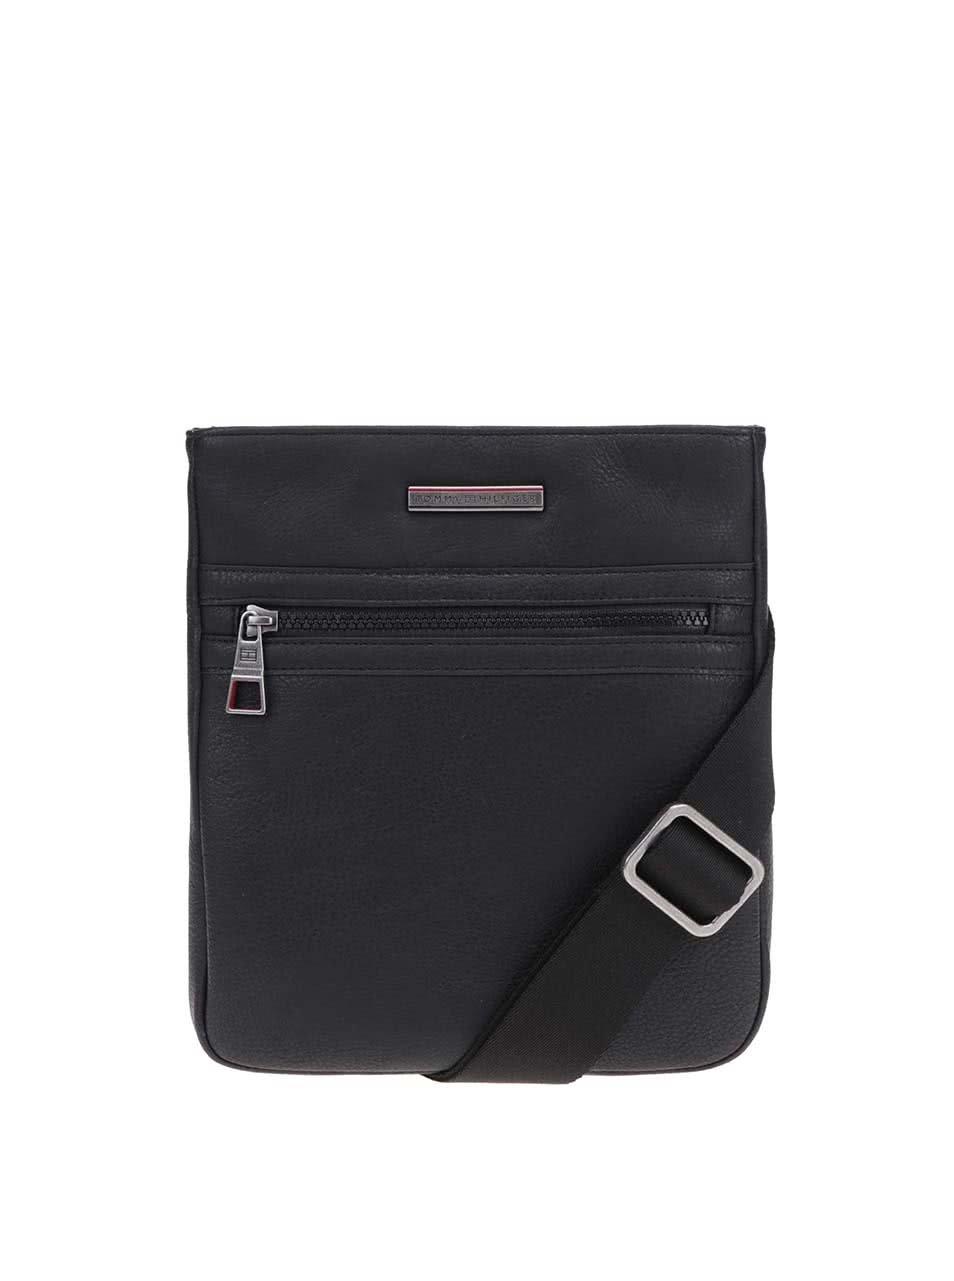 Čierna pánska taška cez rameno Tommy Hilfiger Essential ... 3543ed40c67